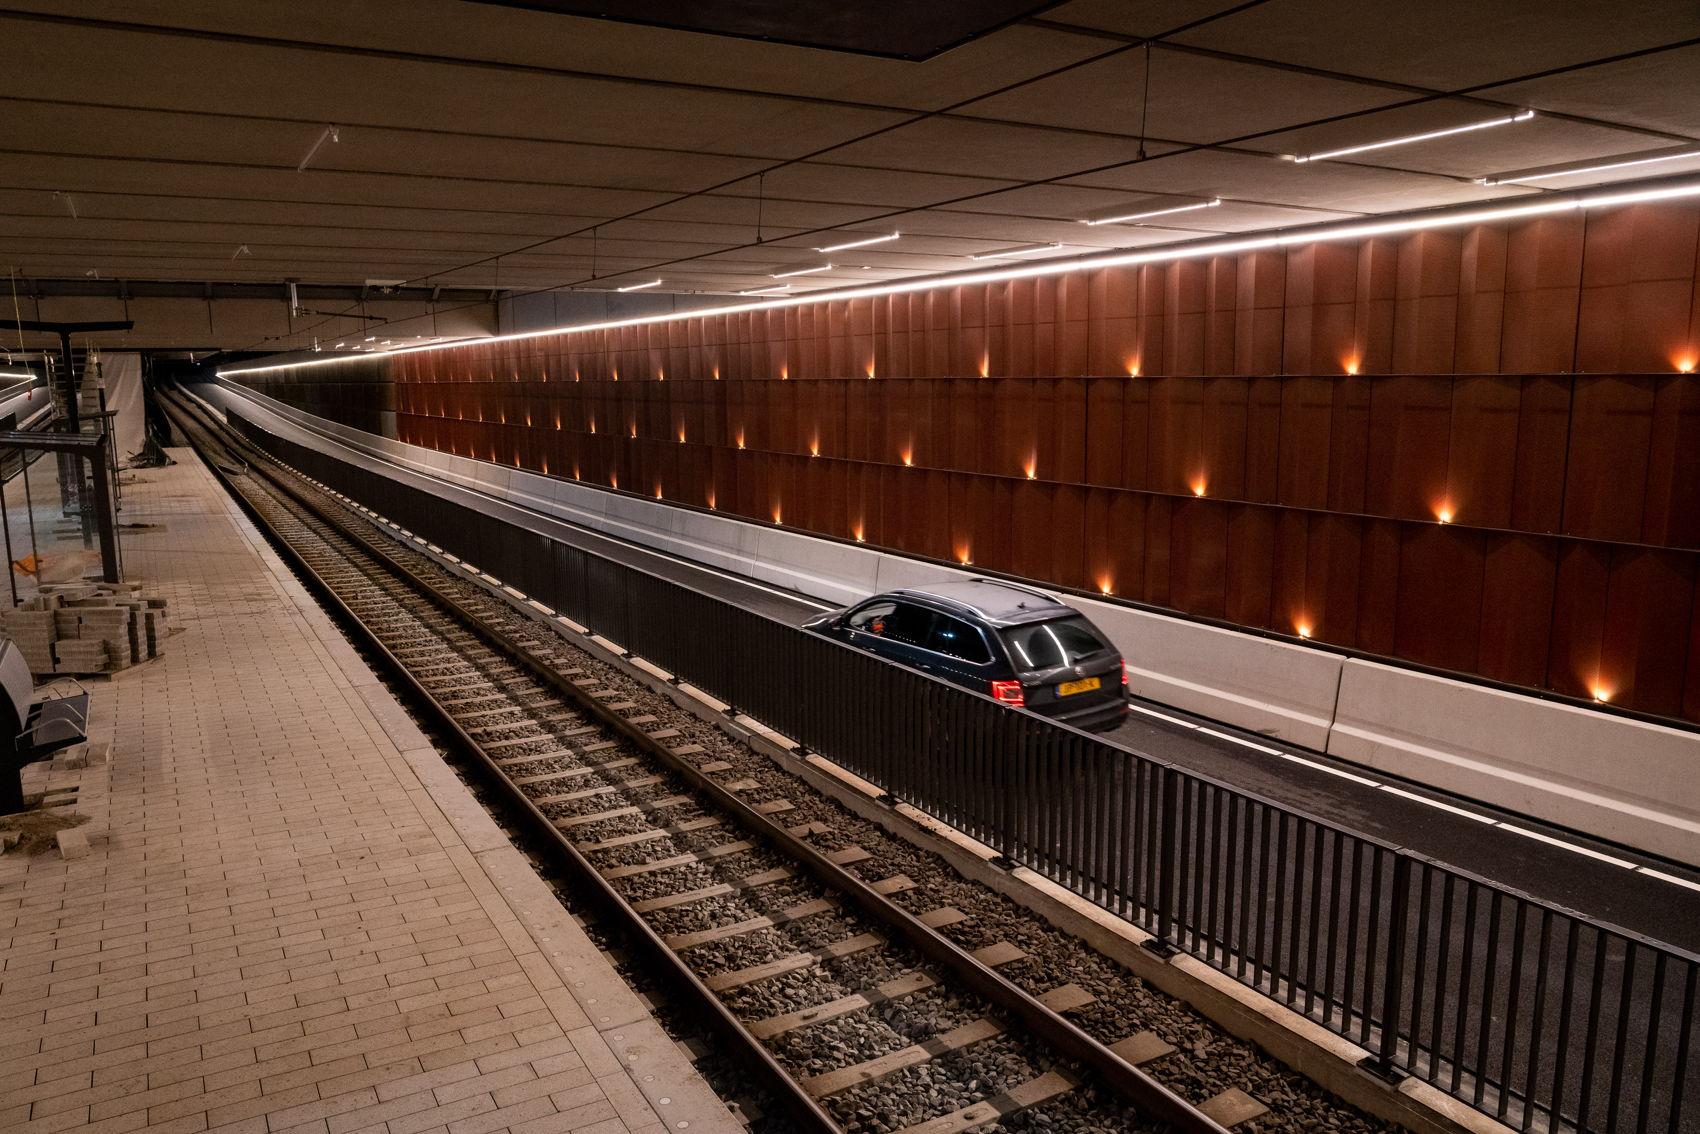 De verlichting in de bak ter hoogte van halte Kronenburg ziet er zo uit. De verlichting staat momenteel nog op de maximale stand. Zodra medio februari het verlichtingssysteem volledig aangelegd is kan het licht waar (en wanneer) nodig aanzienlijk worden gedimd.